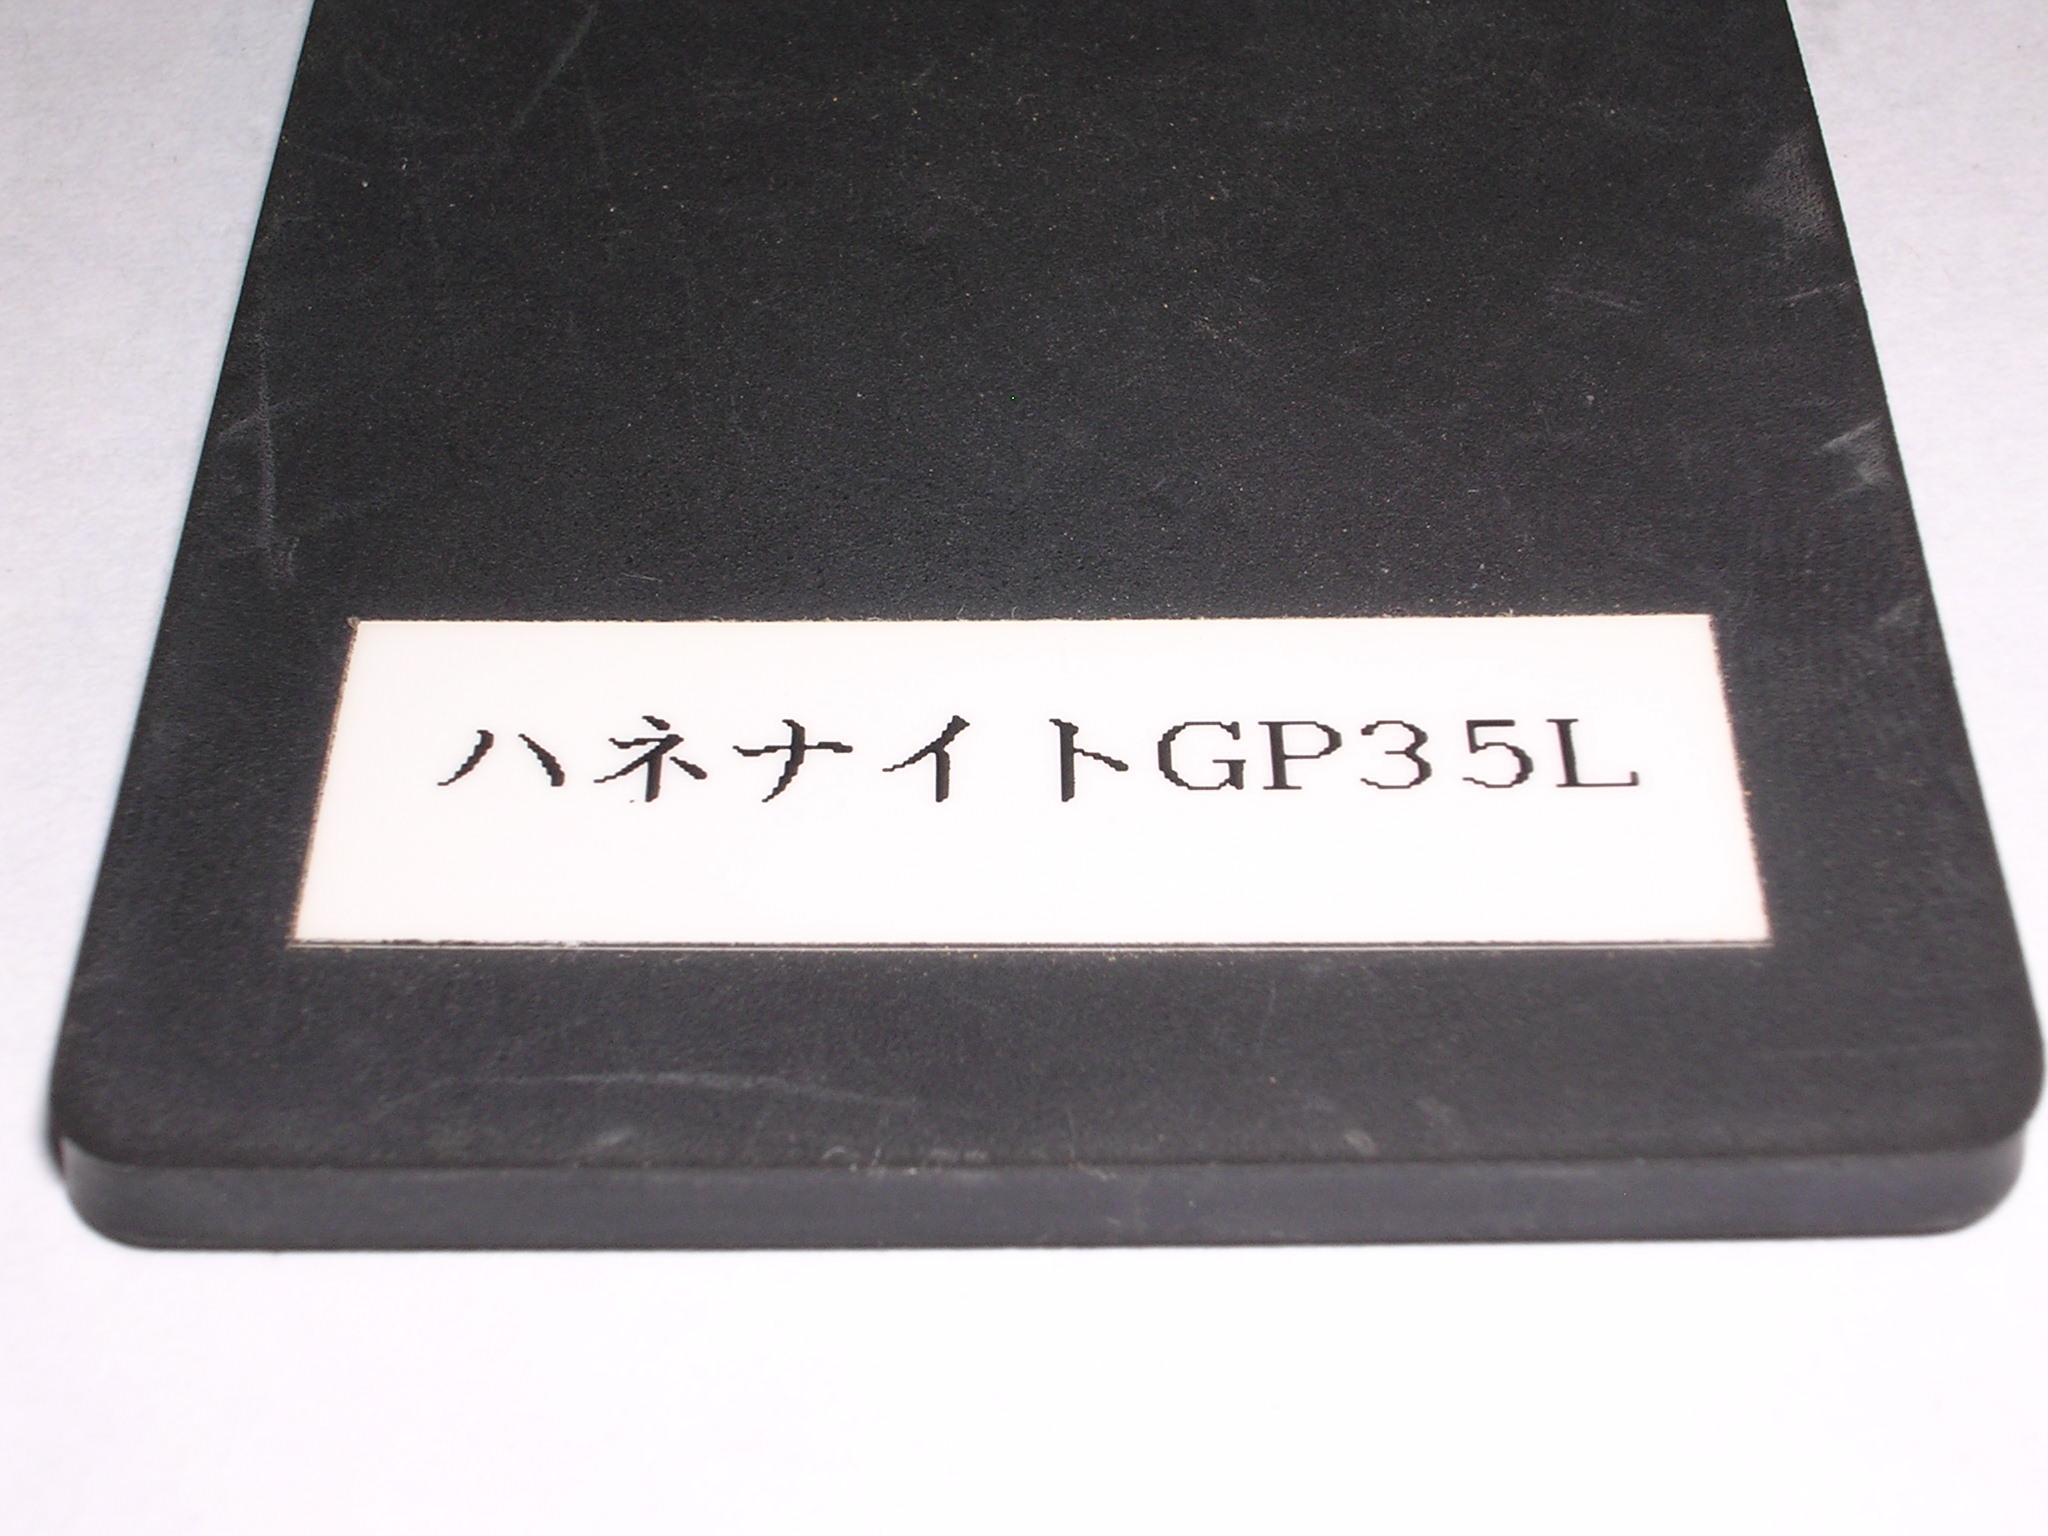 衝撃吸収ゴム・振動吸収ゴム制振ゴム 内外ゴム ハネナイト GP35L   5tx150mmx150mm